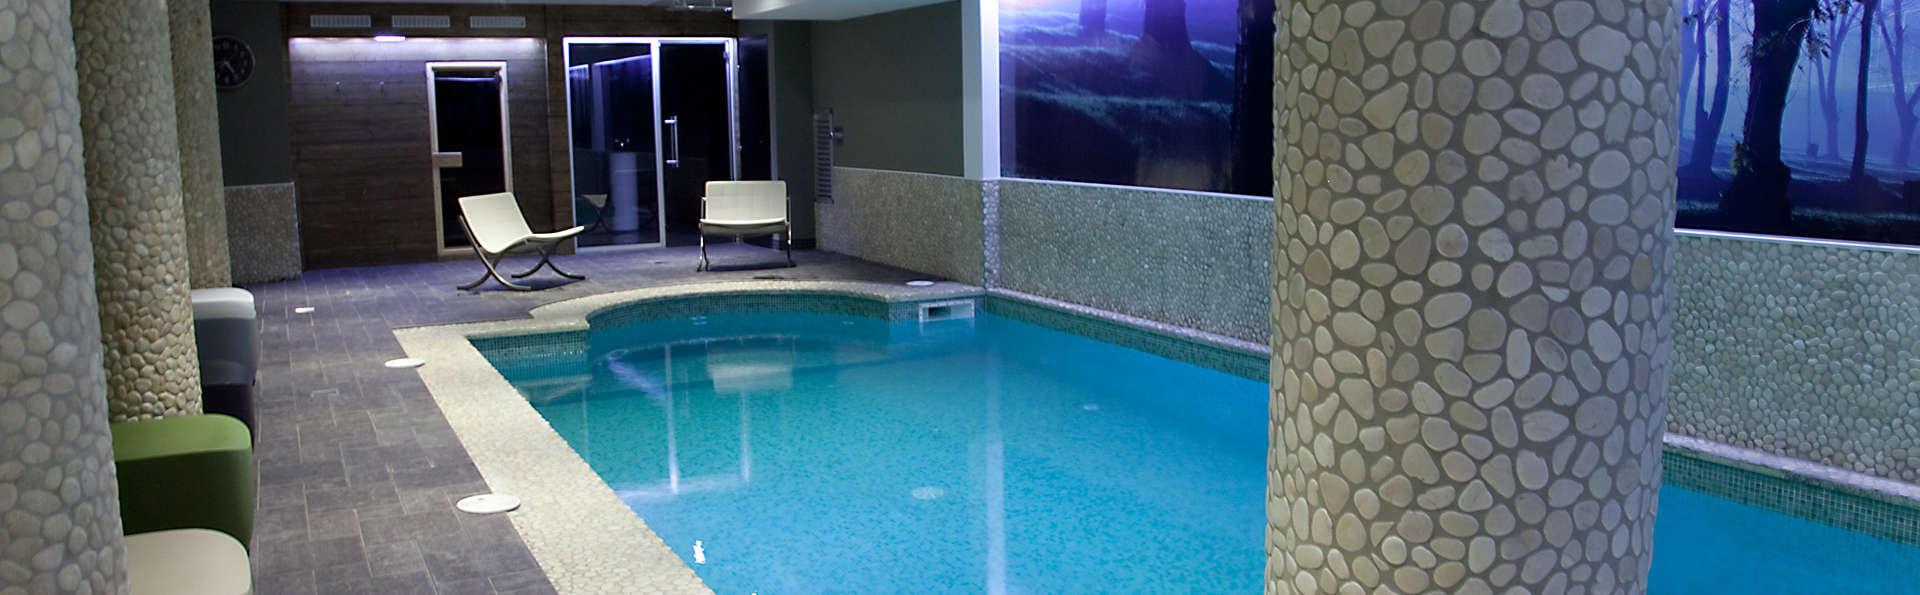 Week end spa aix les bains avec acc s l 39 espace d tente for Ligne 25 aix salon